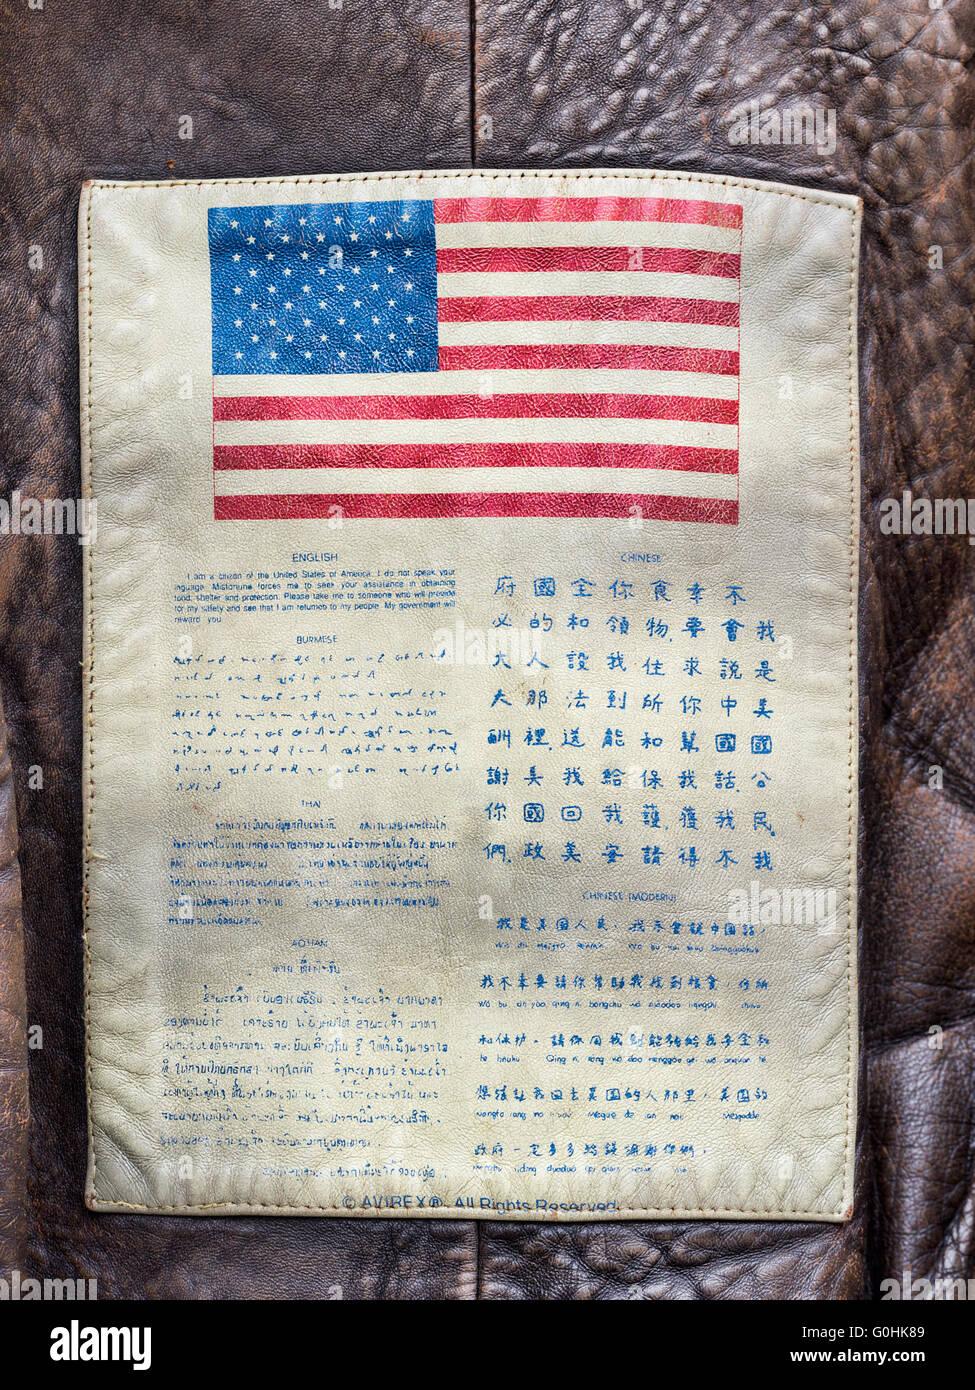 Wording on back of US USAF bomber jacket. Many languages inc Thai, Burmese, Chinese. - Stock Image